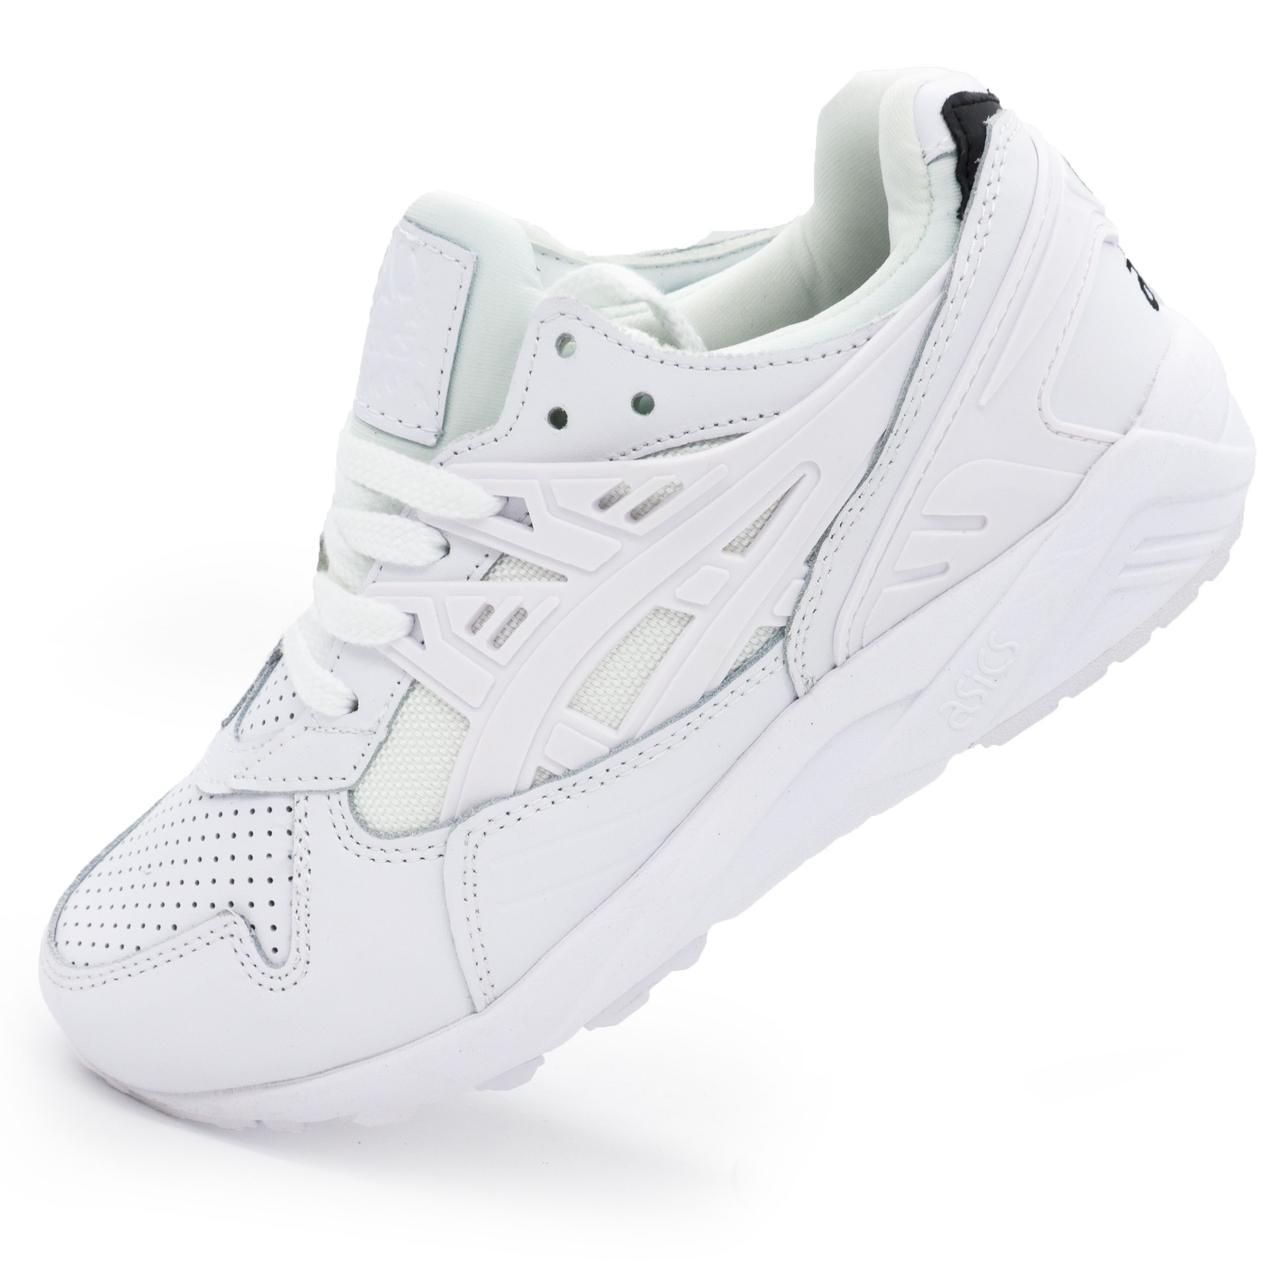 Белые женские кроссовки Асикс Asics Gel натуральная кожа р.(36, 37 ... ad6810f149d